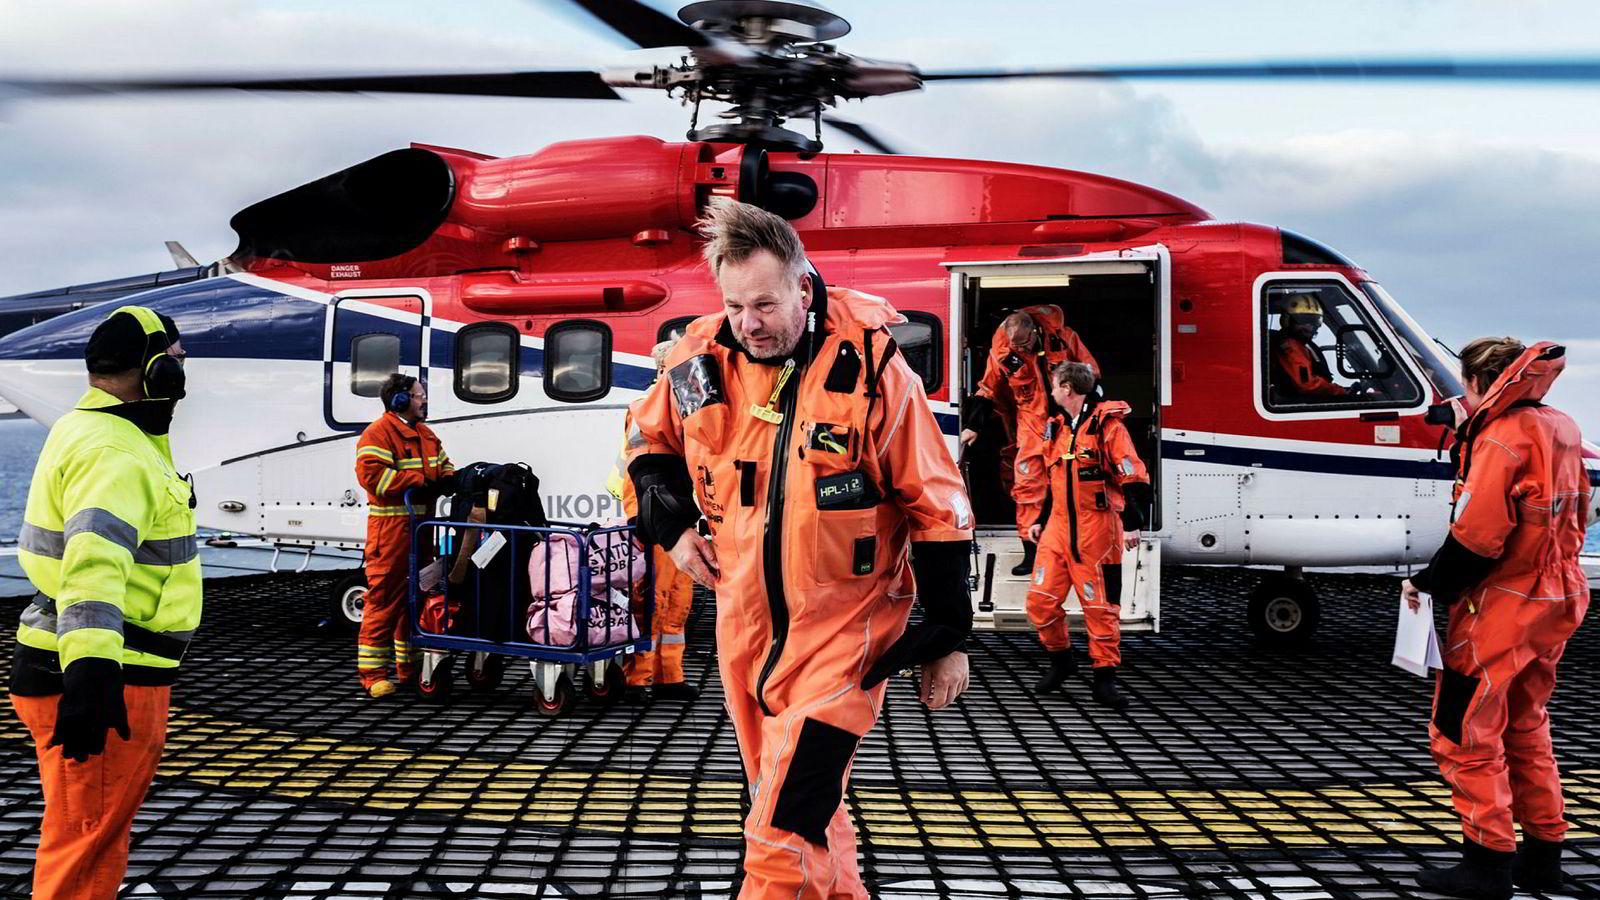 Administrerende direktør Ole Ertvaag (i midten) i Hitecvision kan notere seg for tidenes gevinst for oppkjøpsfondet. Her er han offshore i forbindelse med oppkjøpet av Exxons opererte felt i Norge.